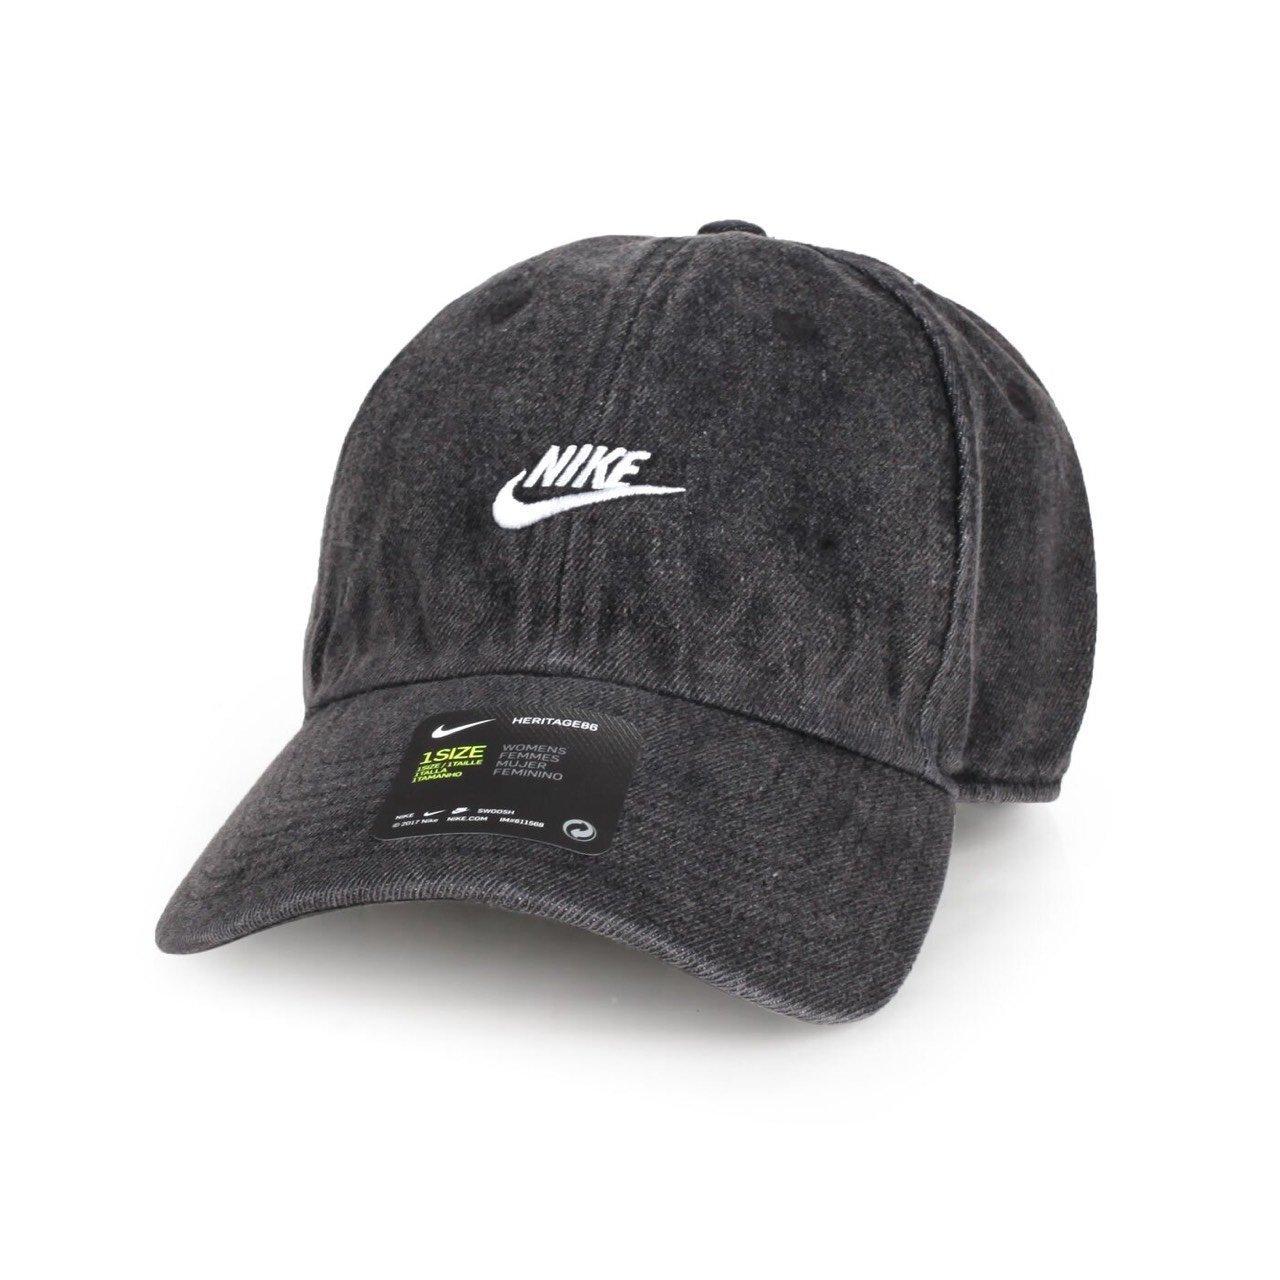 iShoes正品 Nike H86 Jdi Rebel Cap 老帽 帽子 棒球帽 復古 刷色 CI3481010